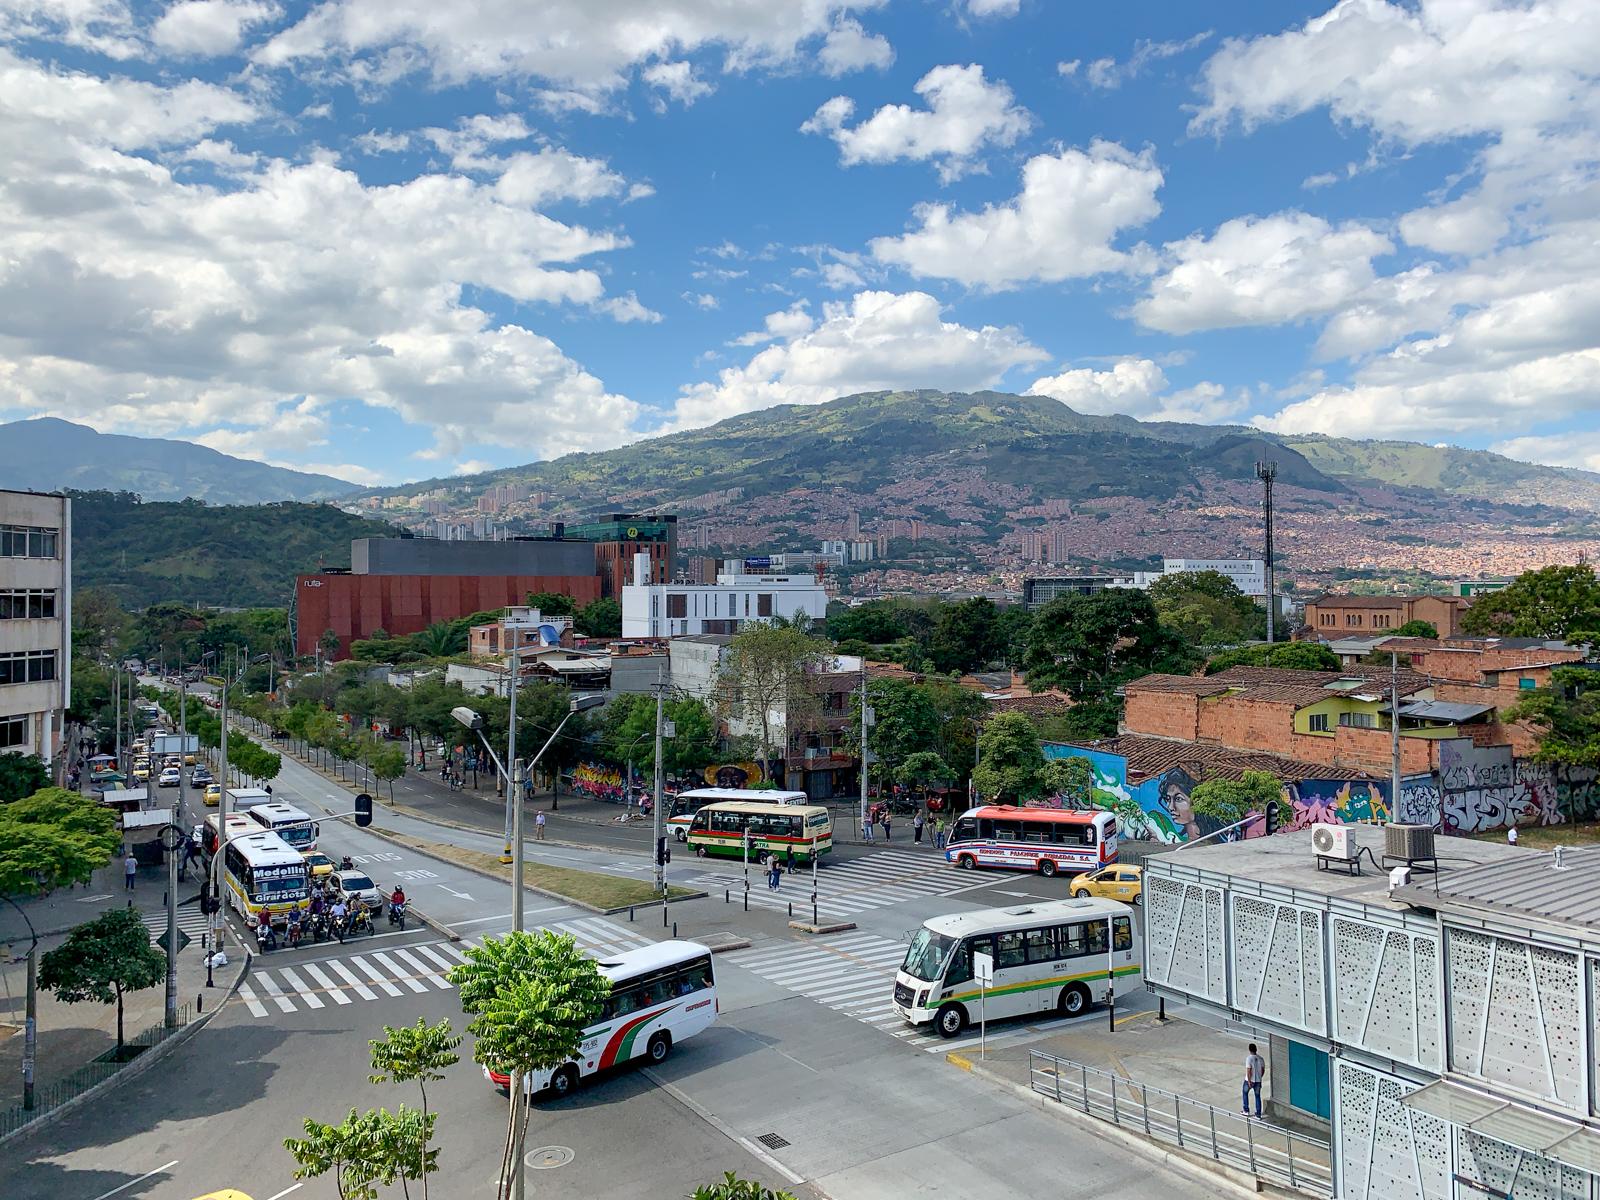 Medellin buses